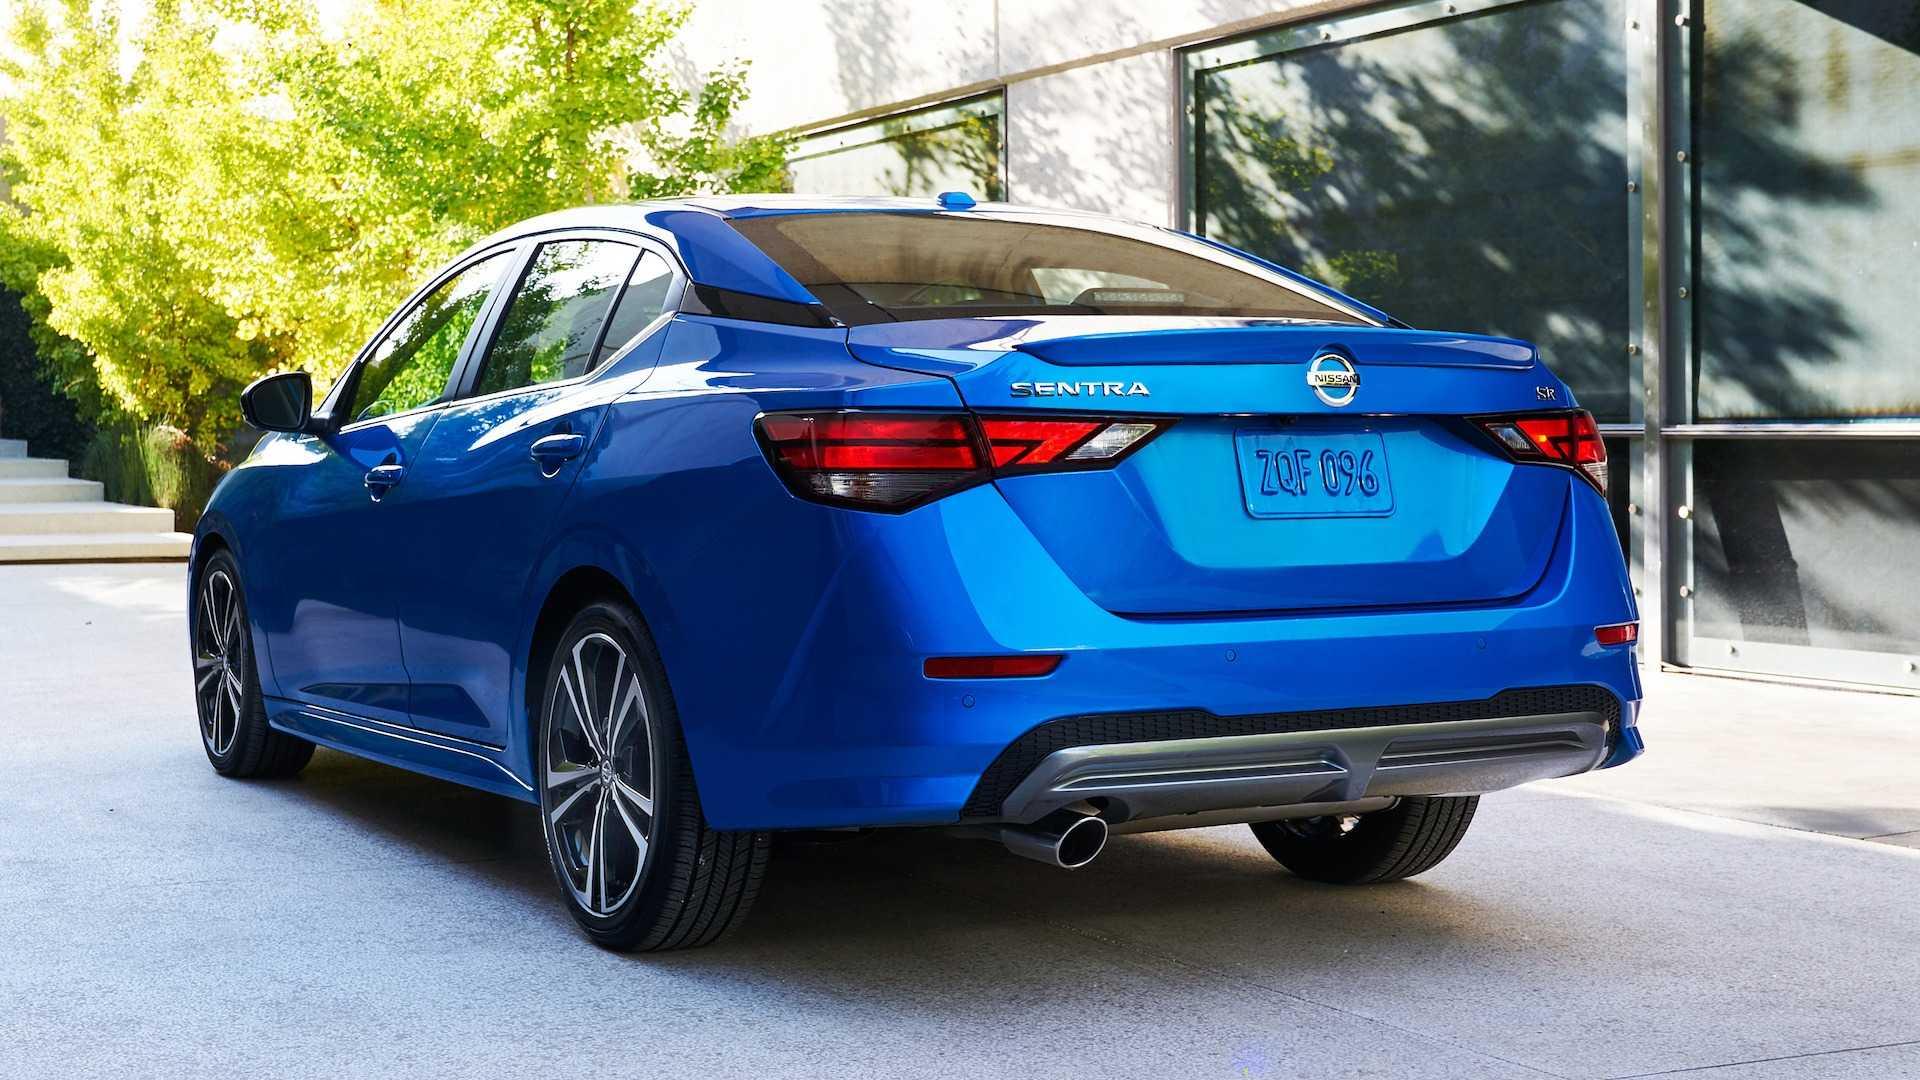 Nissan Sentra thế hệ mới đối đầu trực tiếp với Honda Civic hay Mazda3 - 2